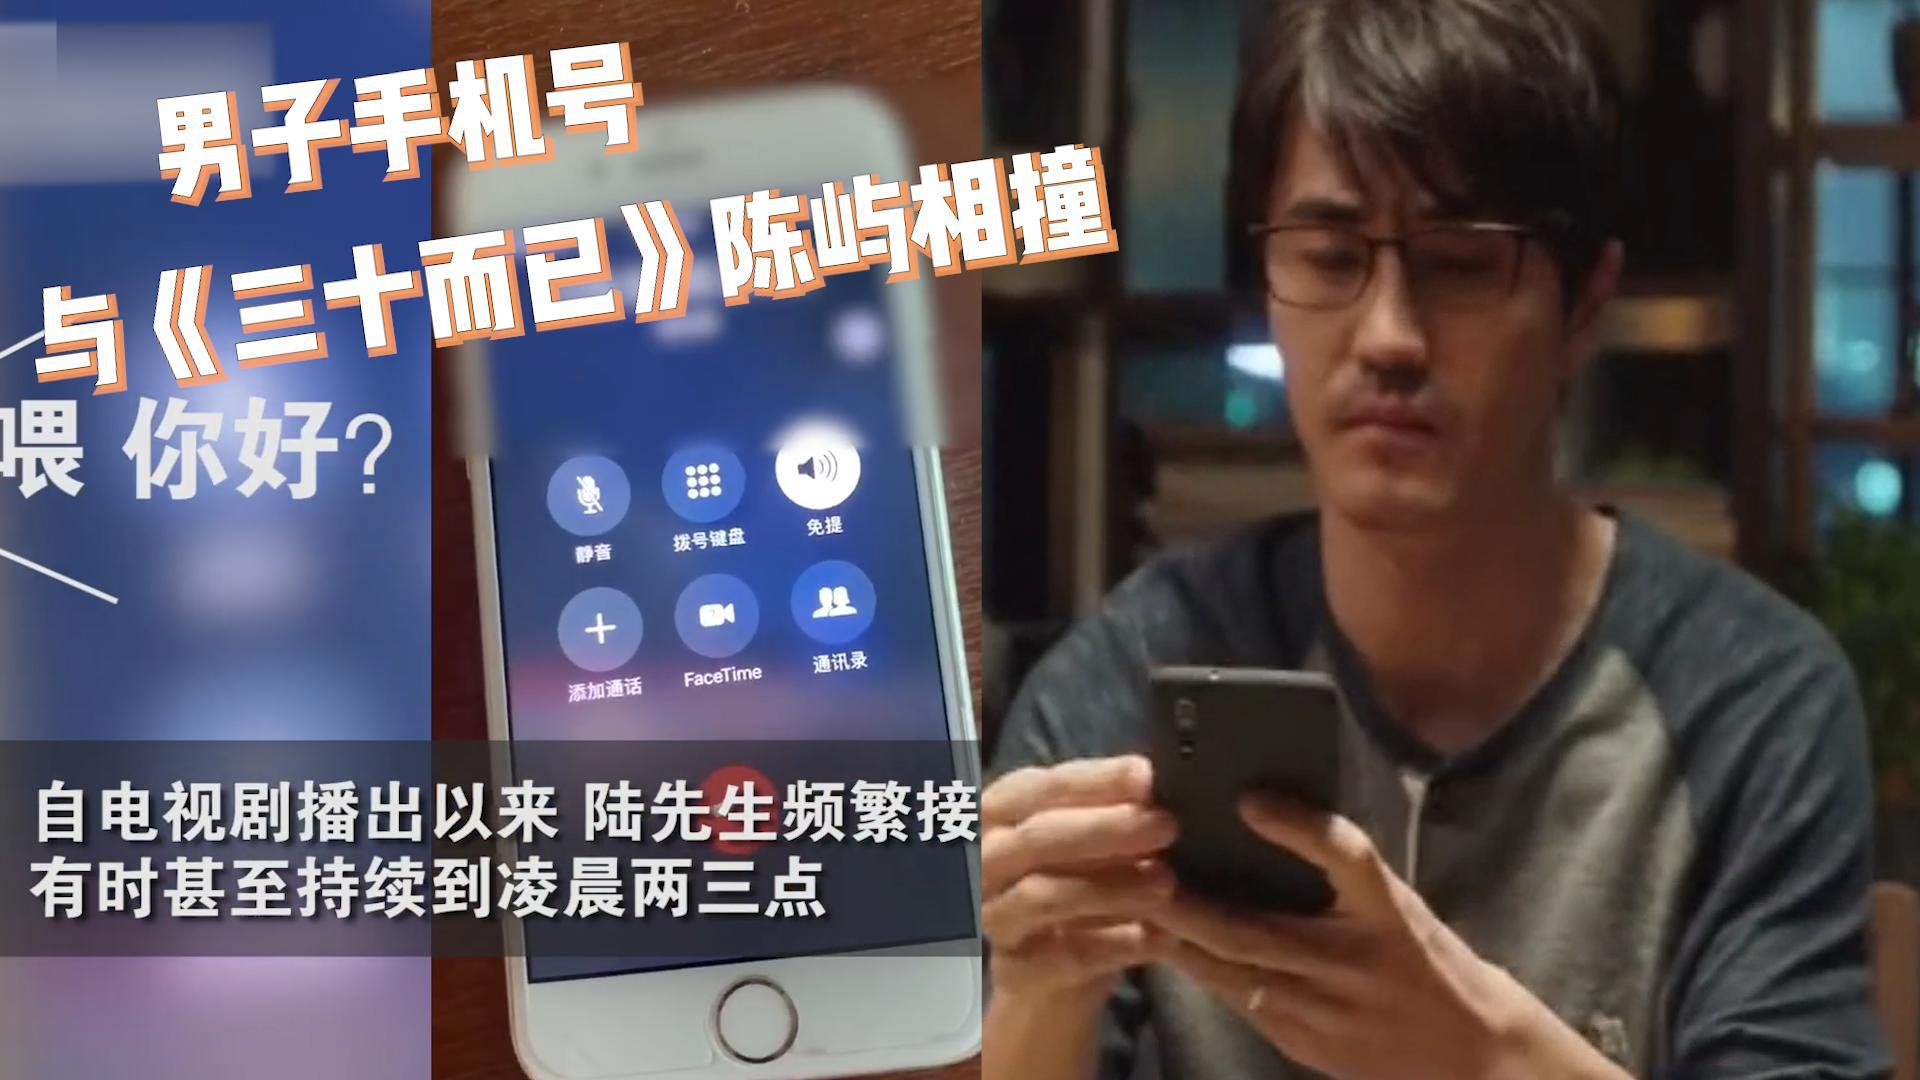 男子手机号与陈屿相撞,要求剧组澄清道歉,并删掉相关镜头